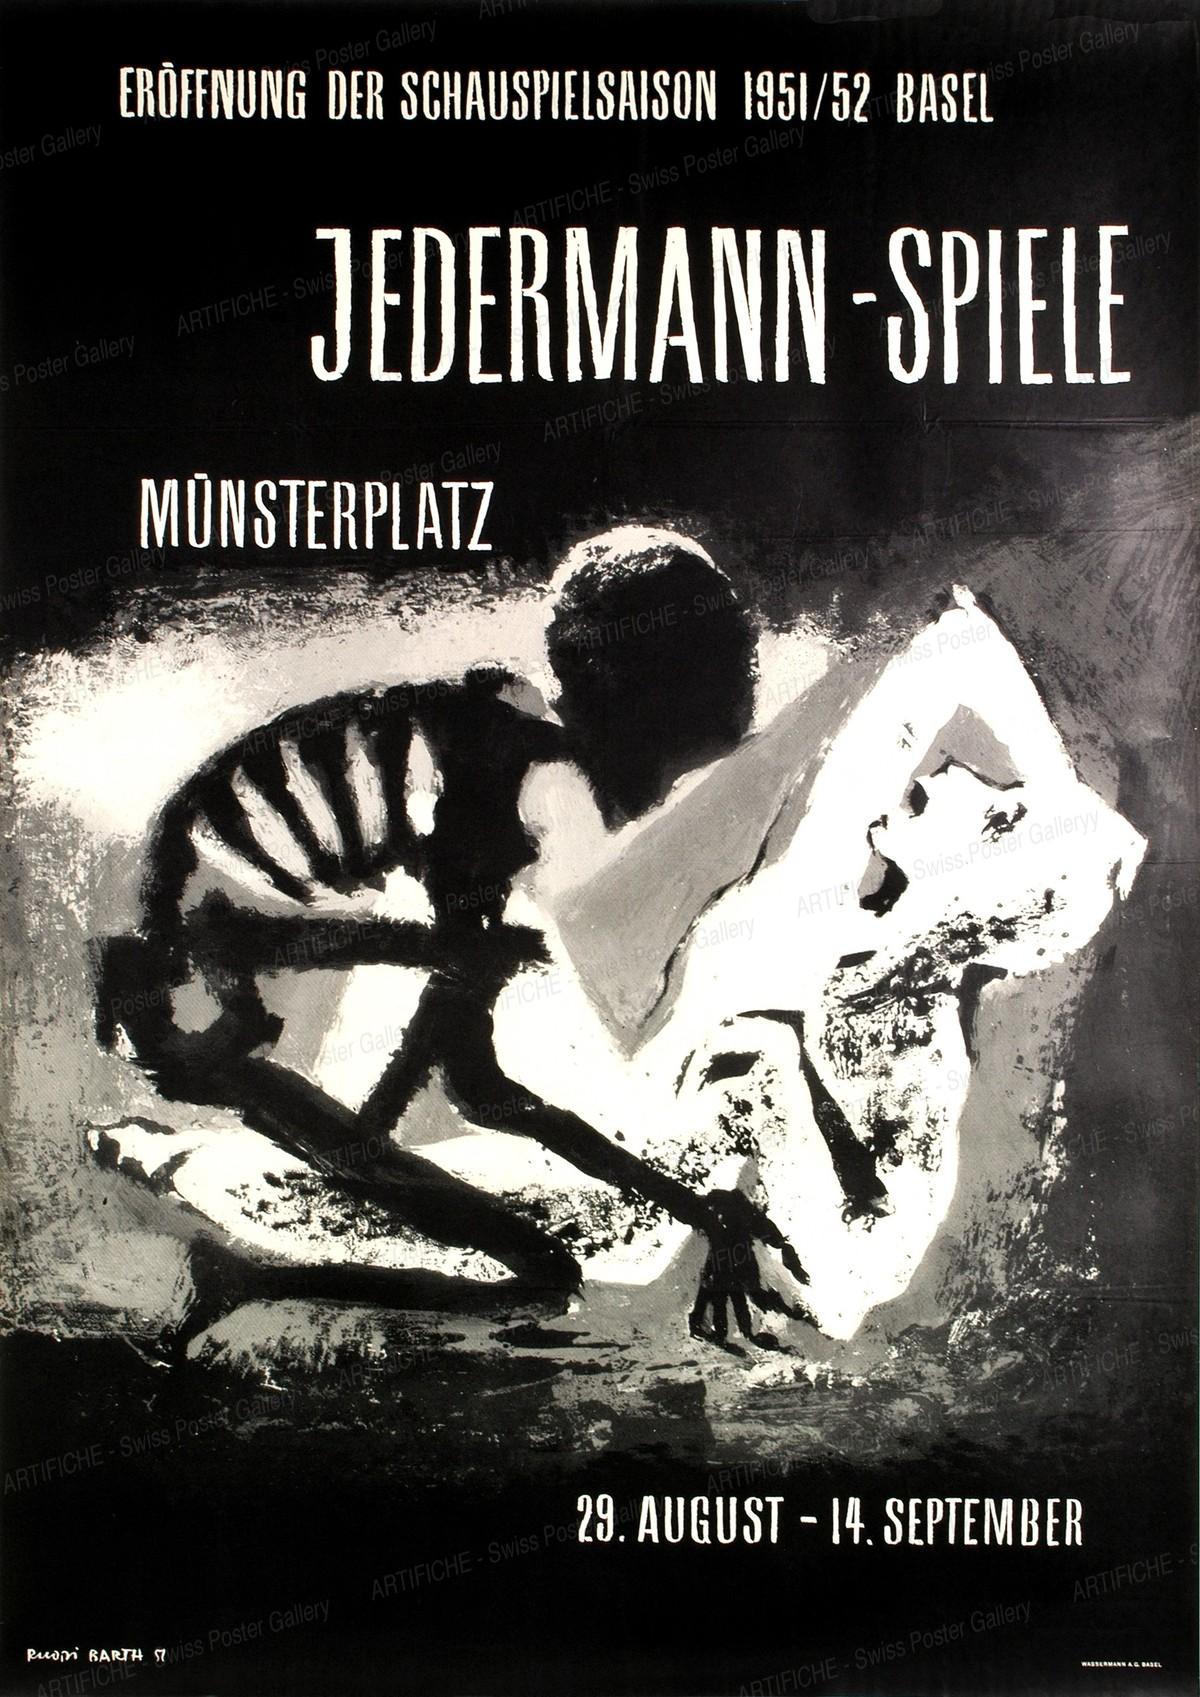 Eröffnung der Schauspielsaison 1951 / 52 Basel – Jedermann-Spiele – Münsterplatz Basel, Ruodi Barth